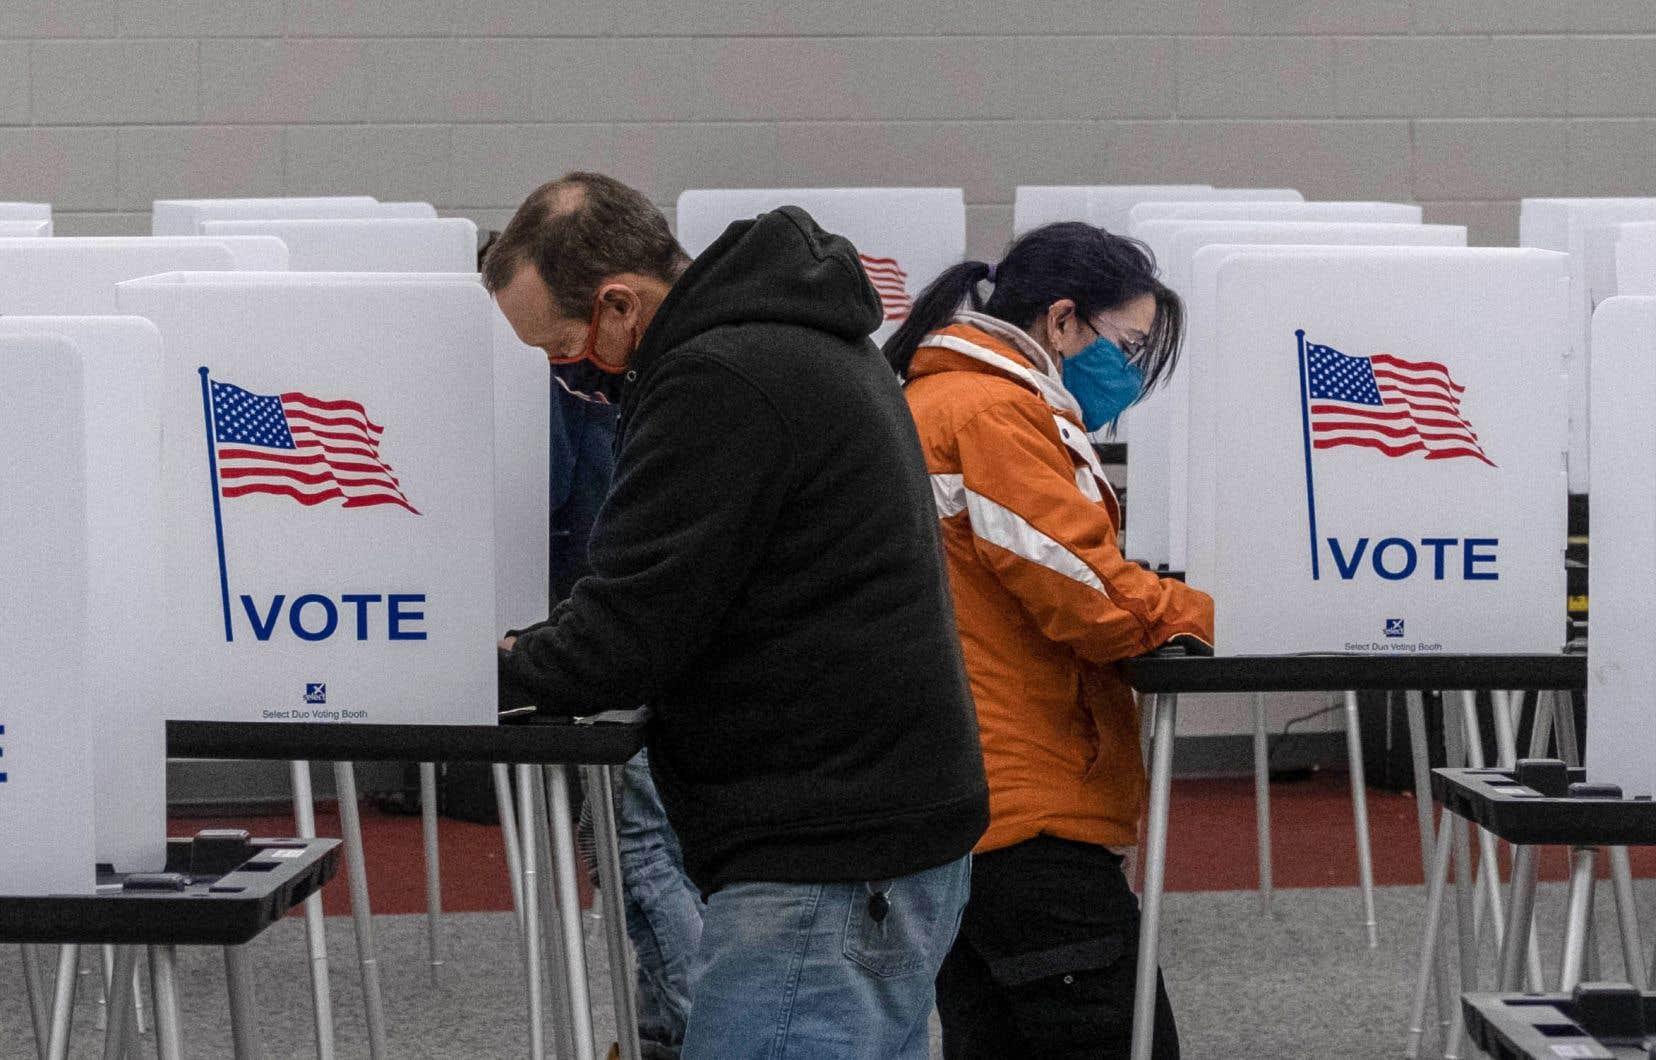 Un sondage effectué par Edison Research pour le compte du National Election Pool permet de voir qui peuvent être les électeurs de Joe Biden et de Donald Trump en fonction d'indicateurs sociodémographiques.